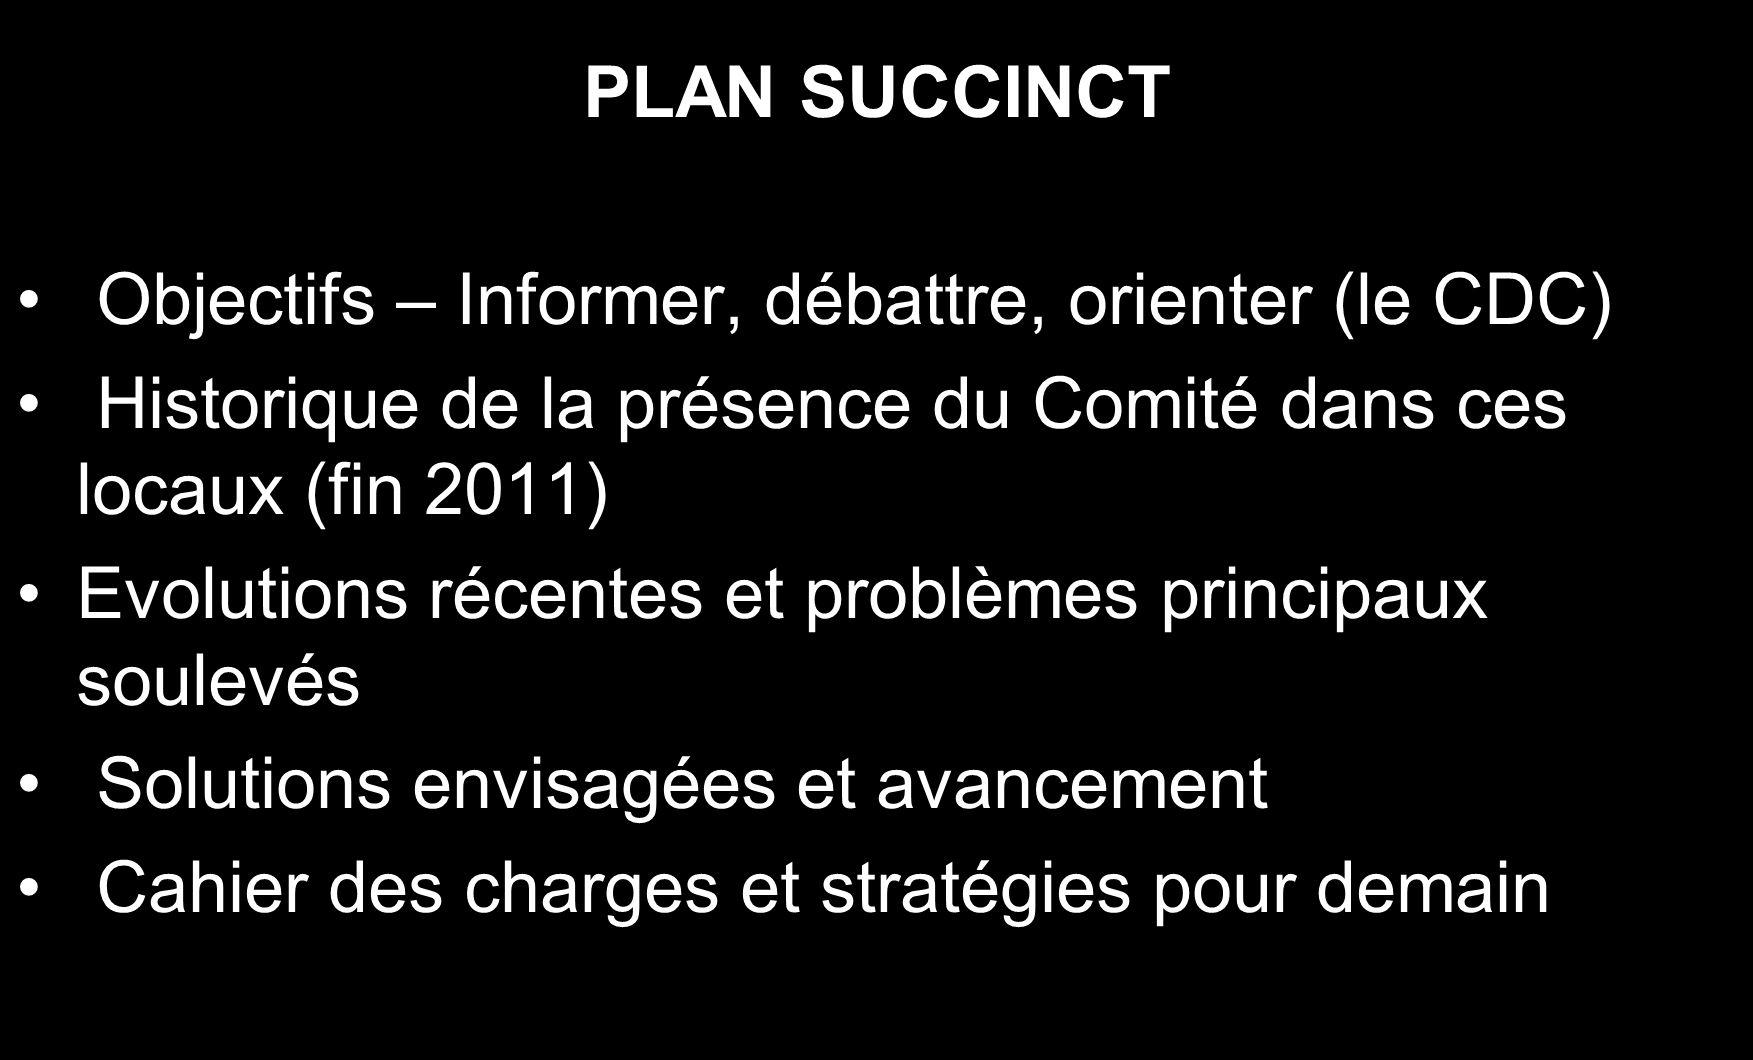 PLAN SUCCINCT Objectifs – Informer, débattre, orienter (le CDC) Historique de la présence du Comité dans ces locaux (fin 2011) Evolutions récentes et